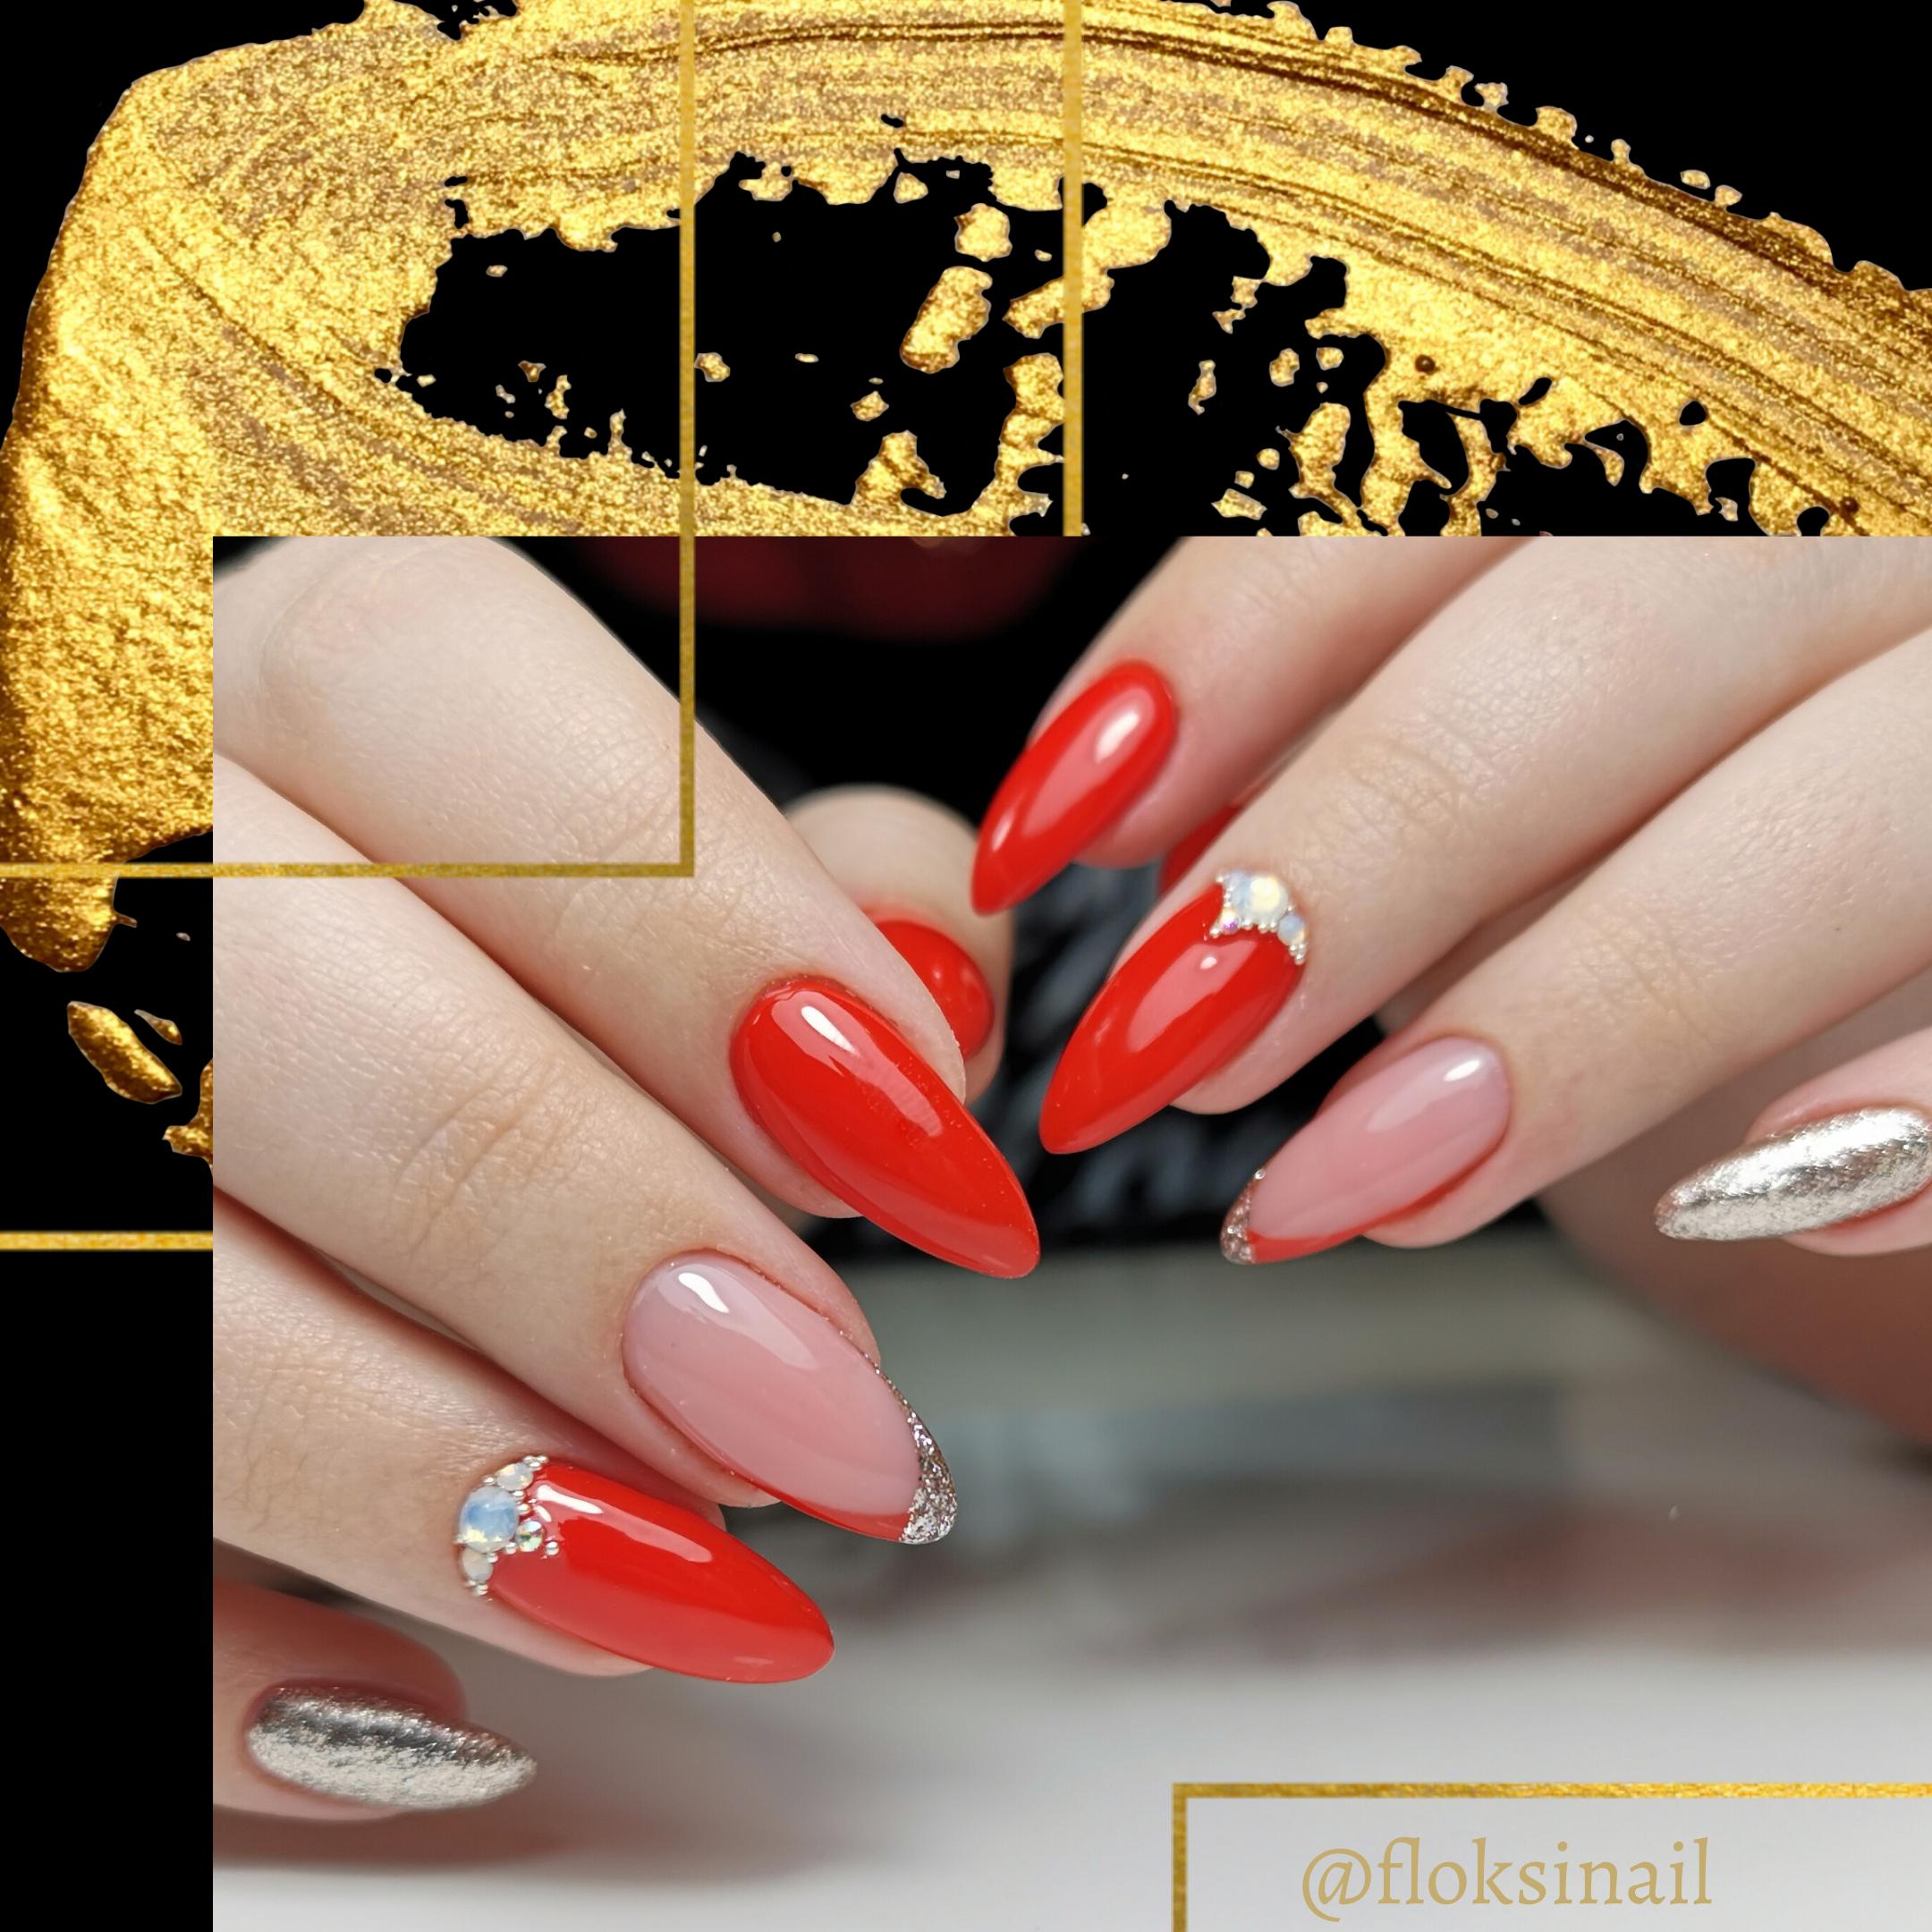 Маникюр с френч-дизайном, золотыми блестками и стразами в красном цвете на длинные ногти.